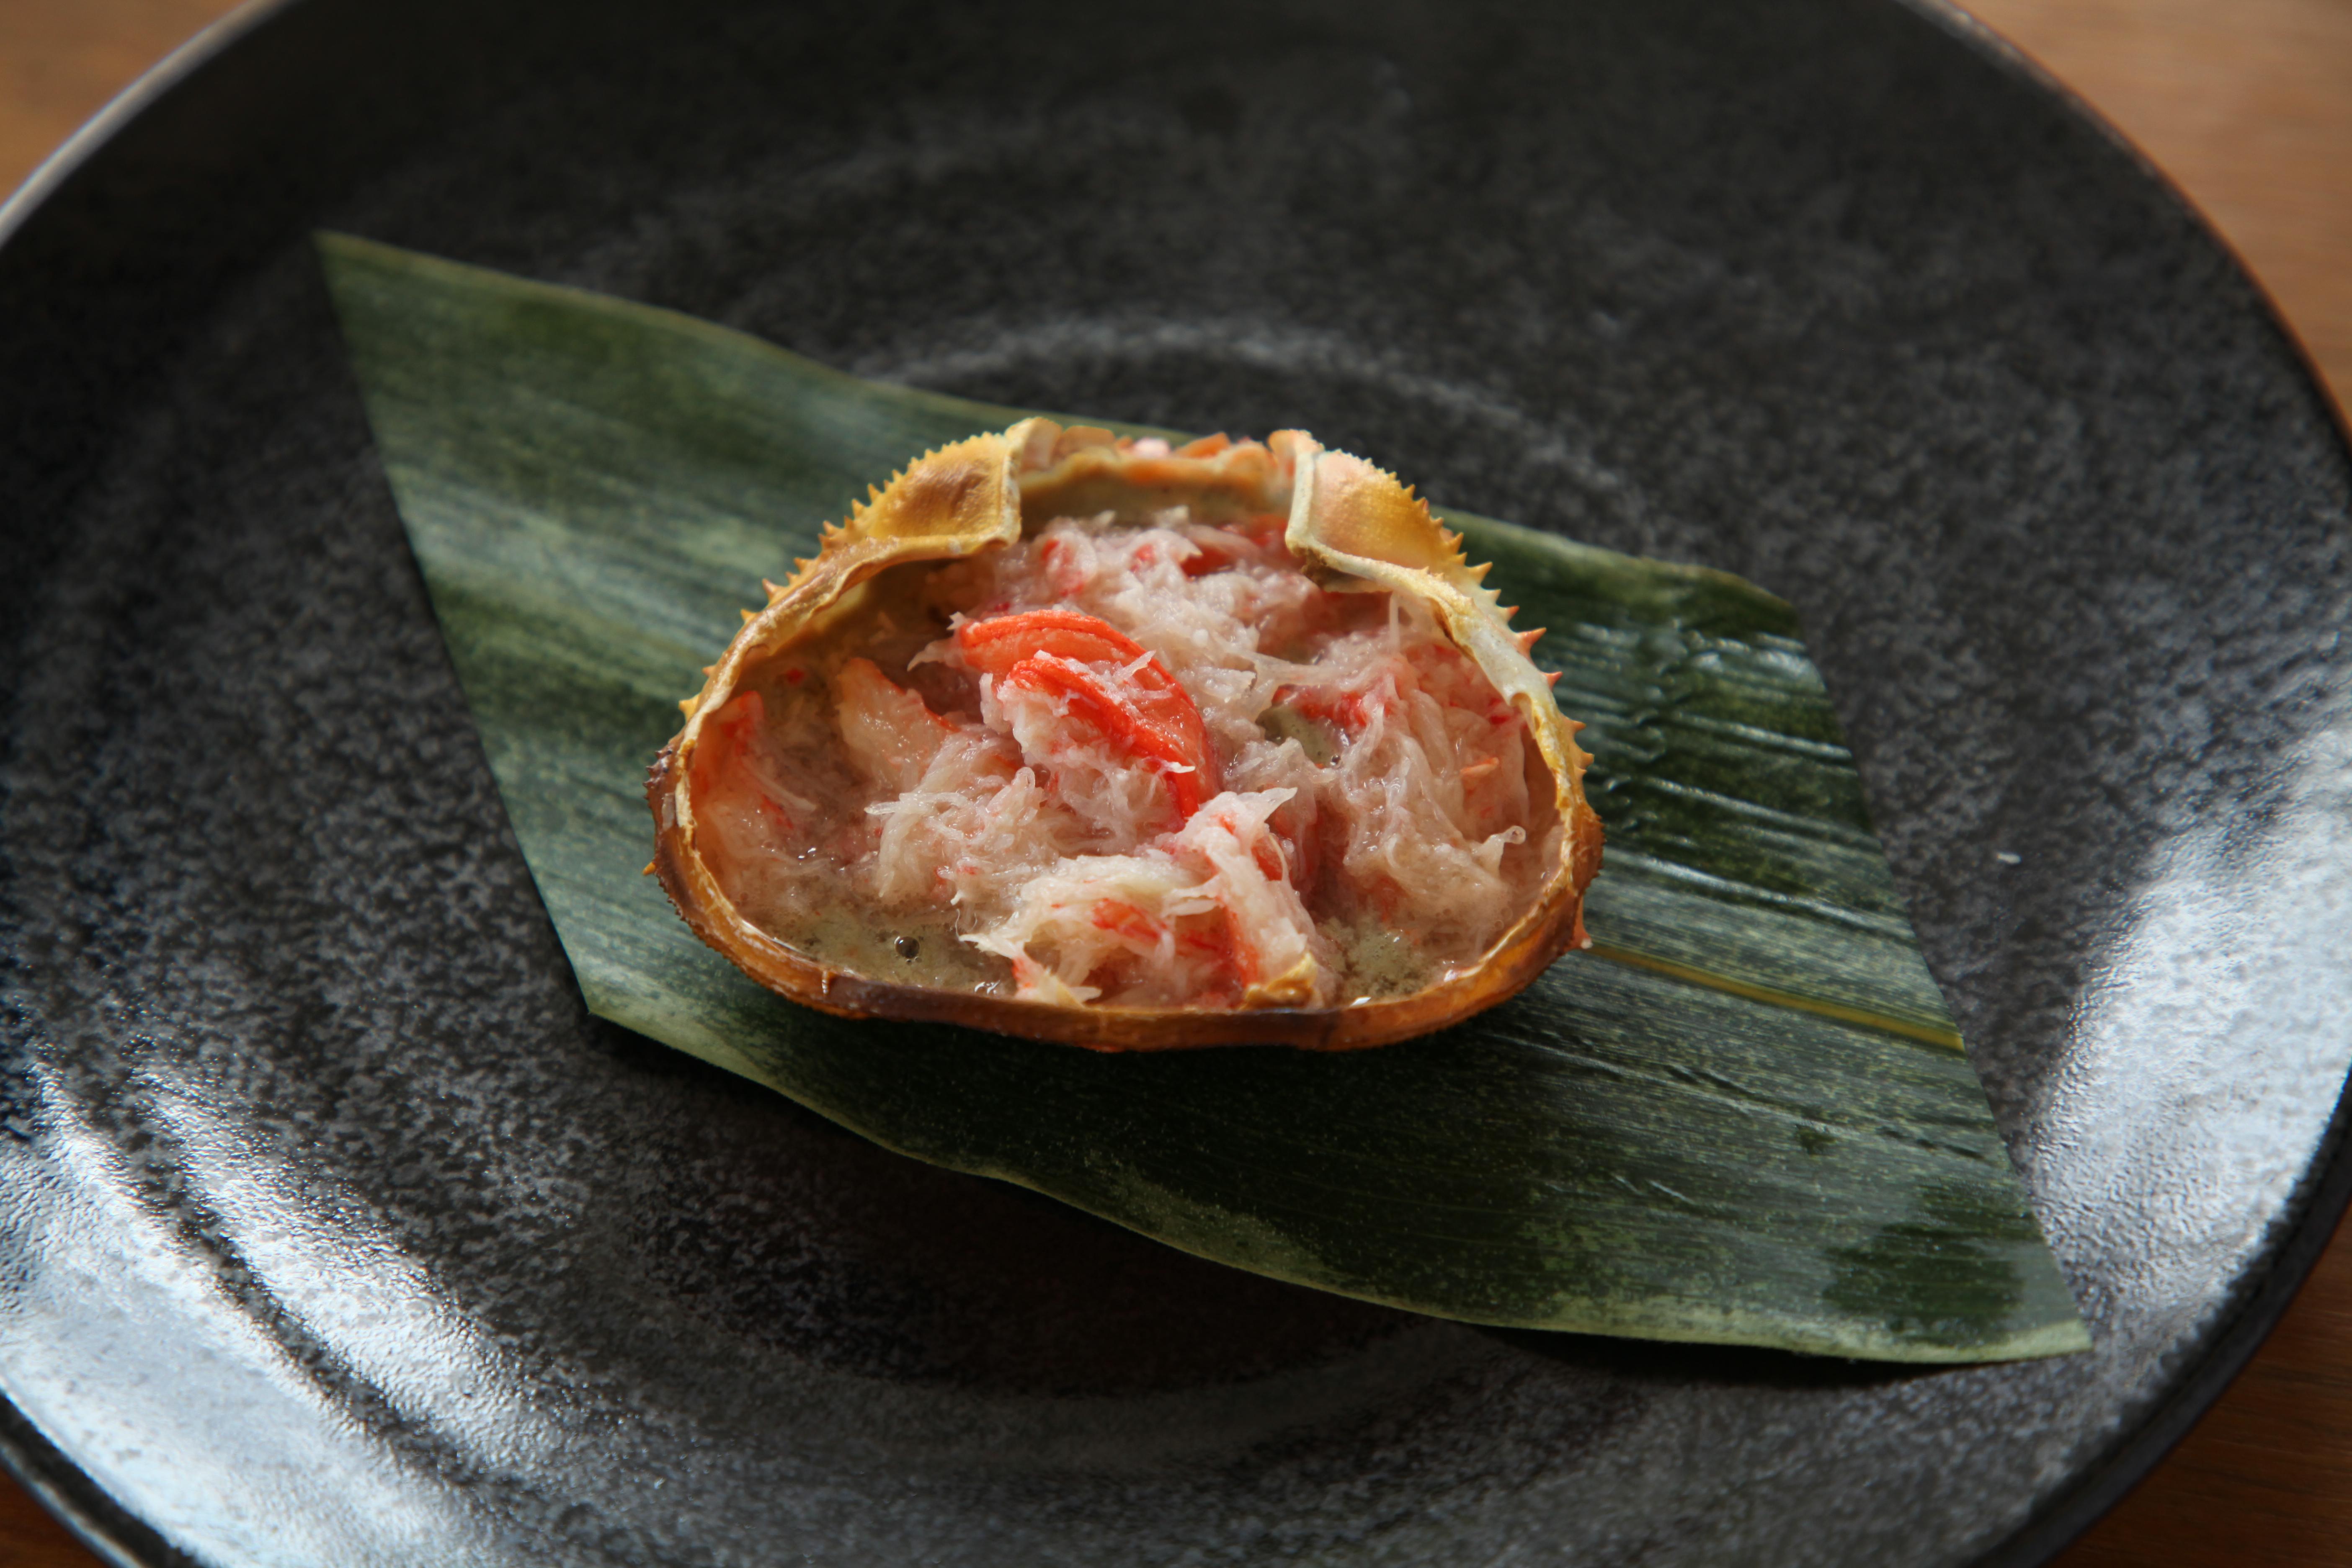 カニ味噌食べ方として贅沢な甲羅焼き